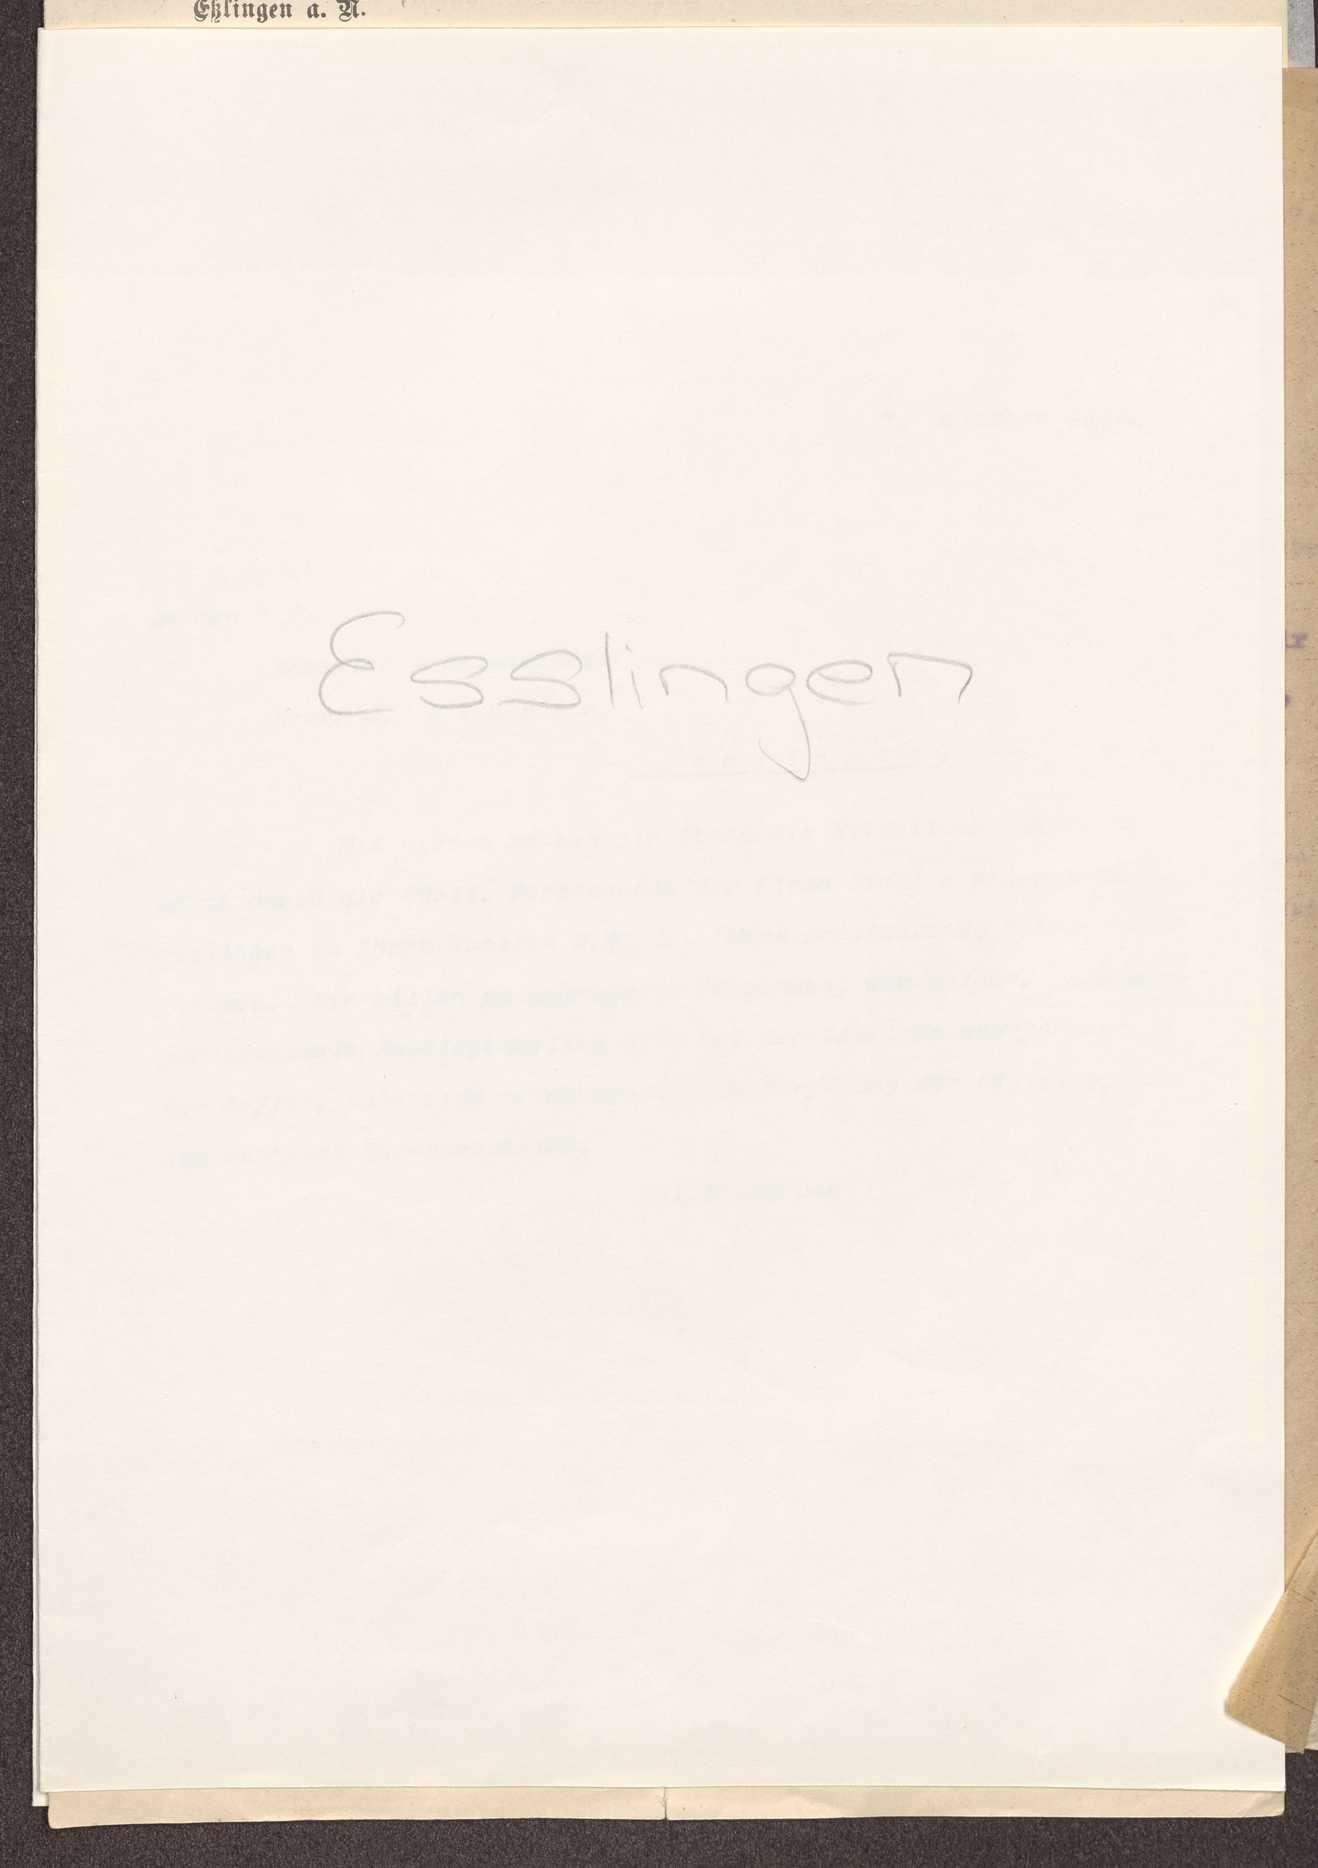 Finanzierung und Rechnungslegung örtlicher Arbeiter- und Bauernräte im Oberamt Esslingen, Bild 1